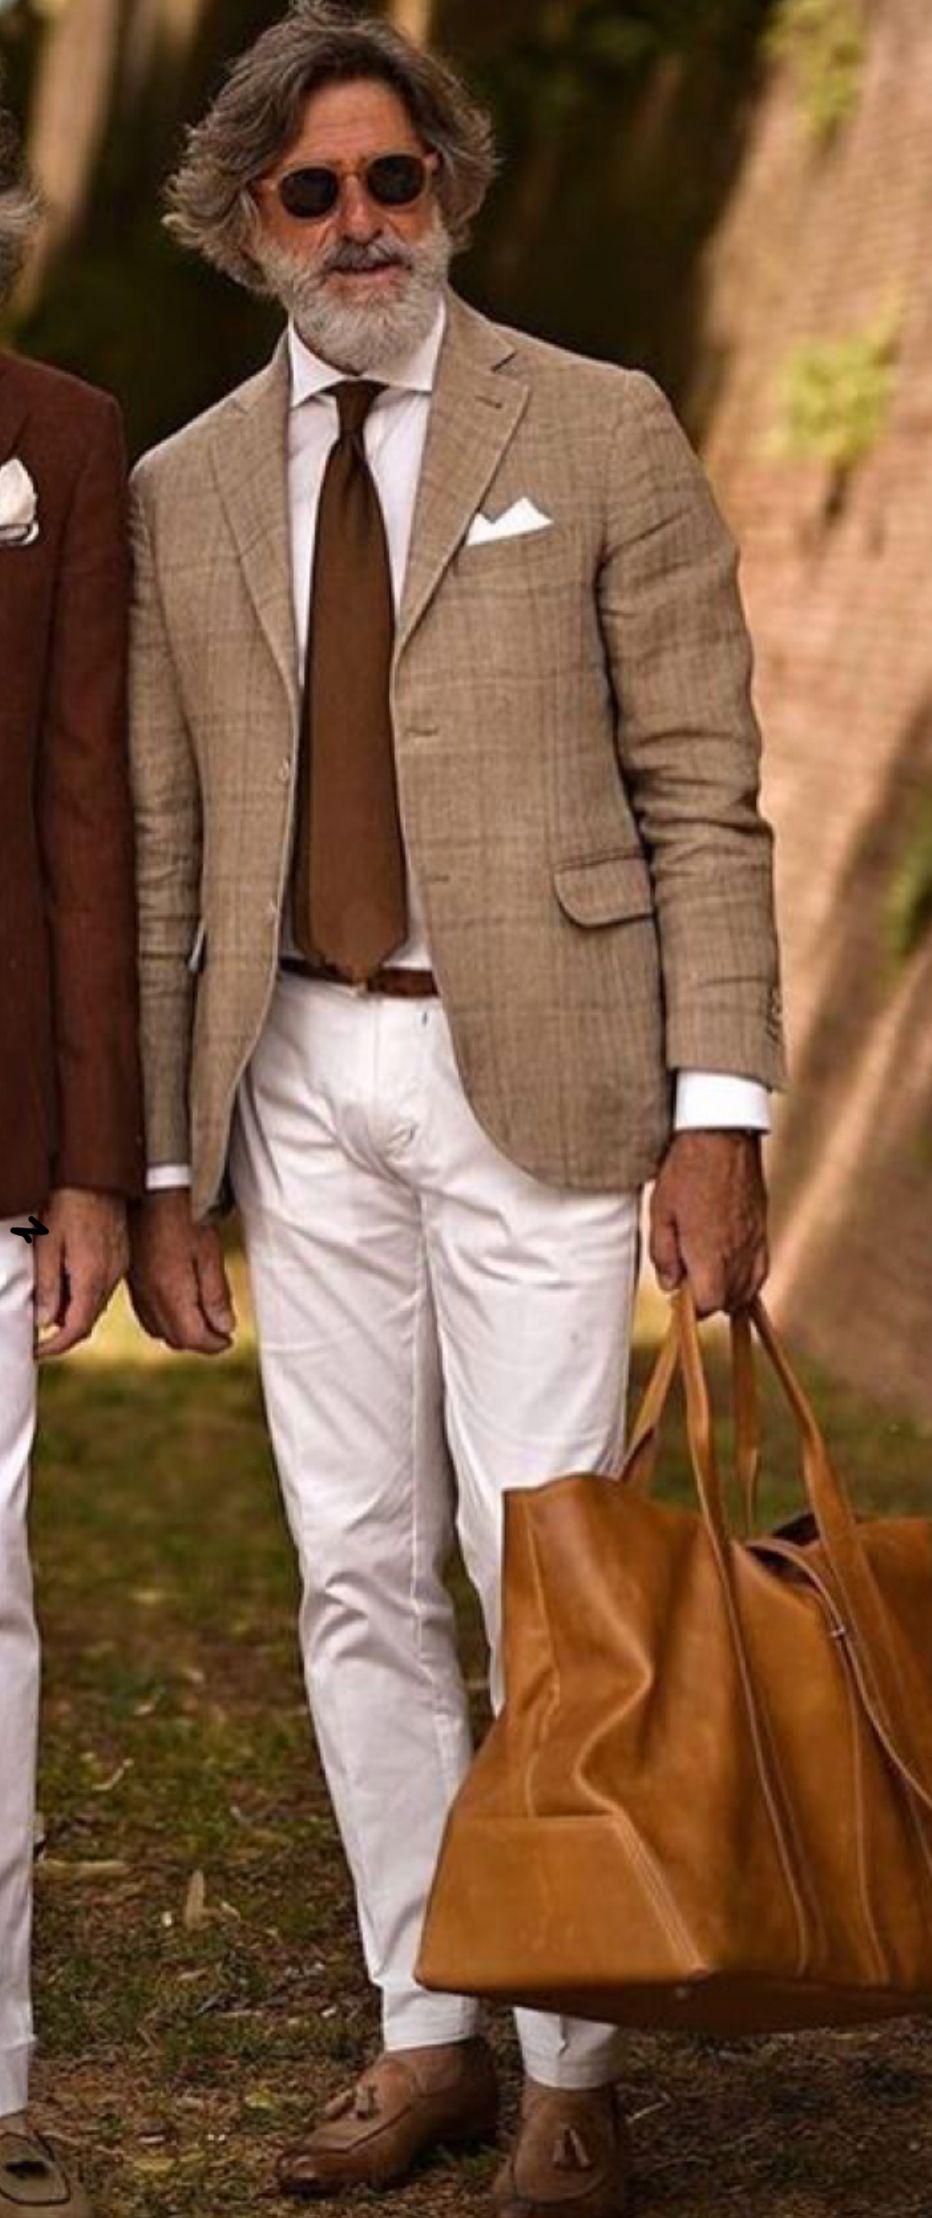 Vestiti Eleganti Anni 50 Uomo.Pin Di Franco Rolla Su Moda Uomo Stile Italiano Vestiti